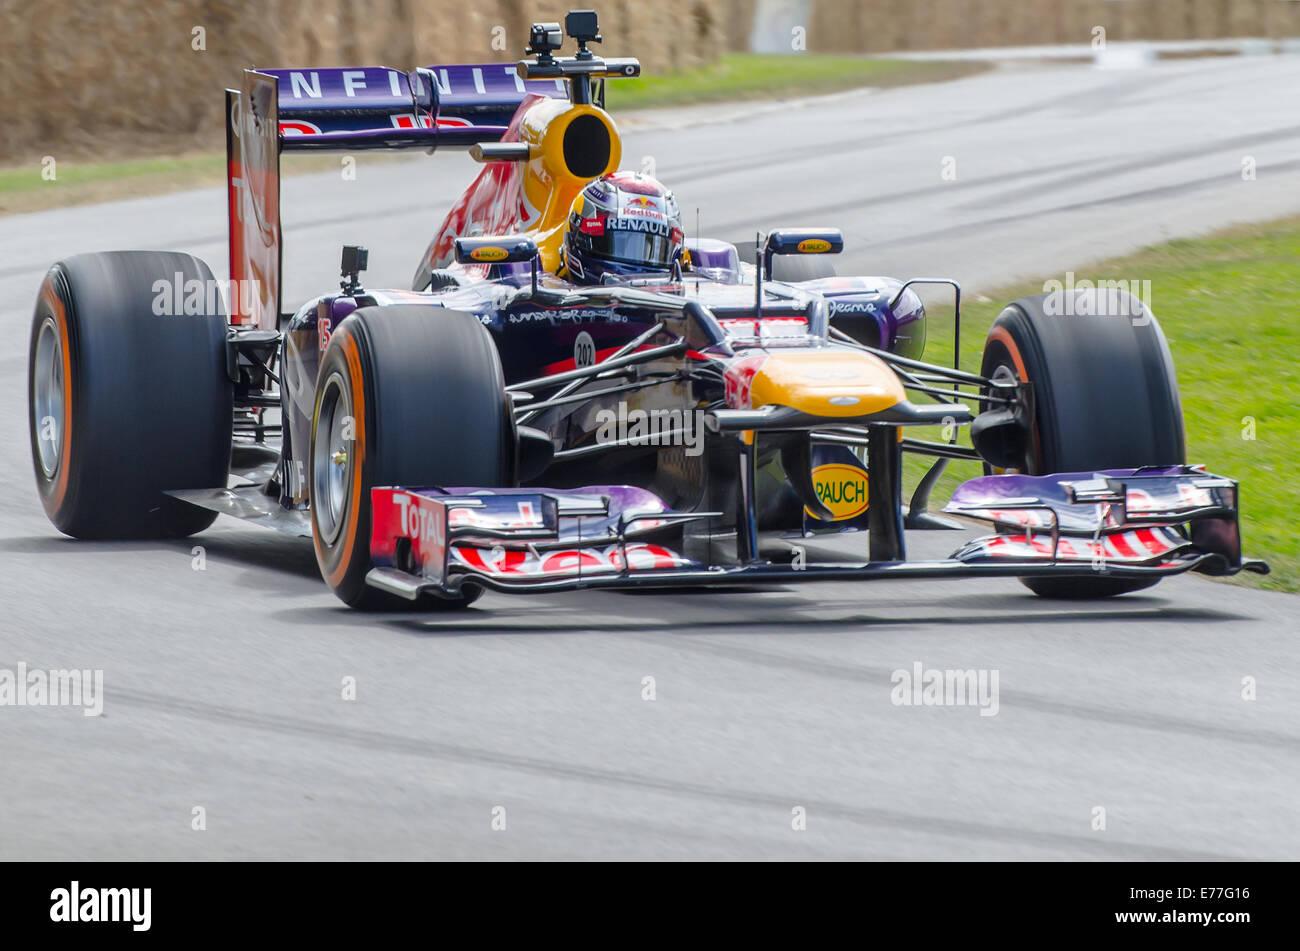 La Red Bull RB7 est une voiture de course de Formule 1 conçu par l'équipe Red Bull Racing pour la saison de Formule Banque D'Images